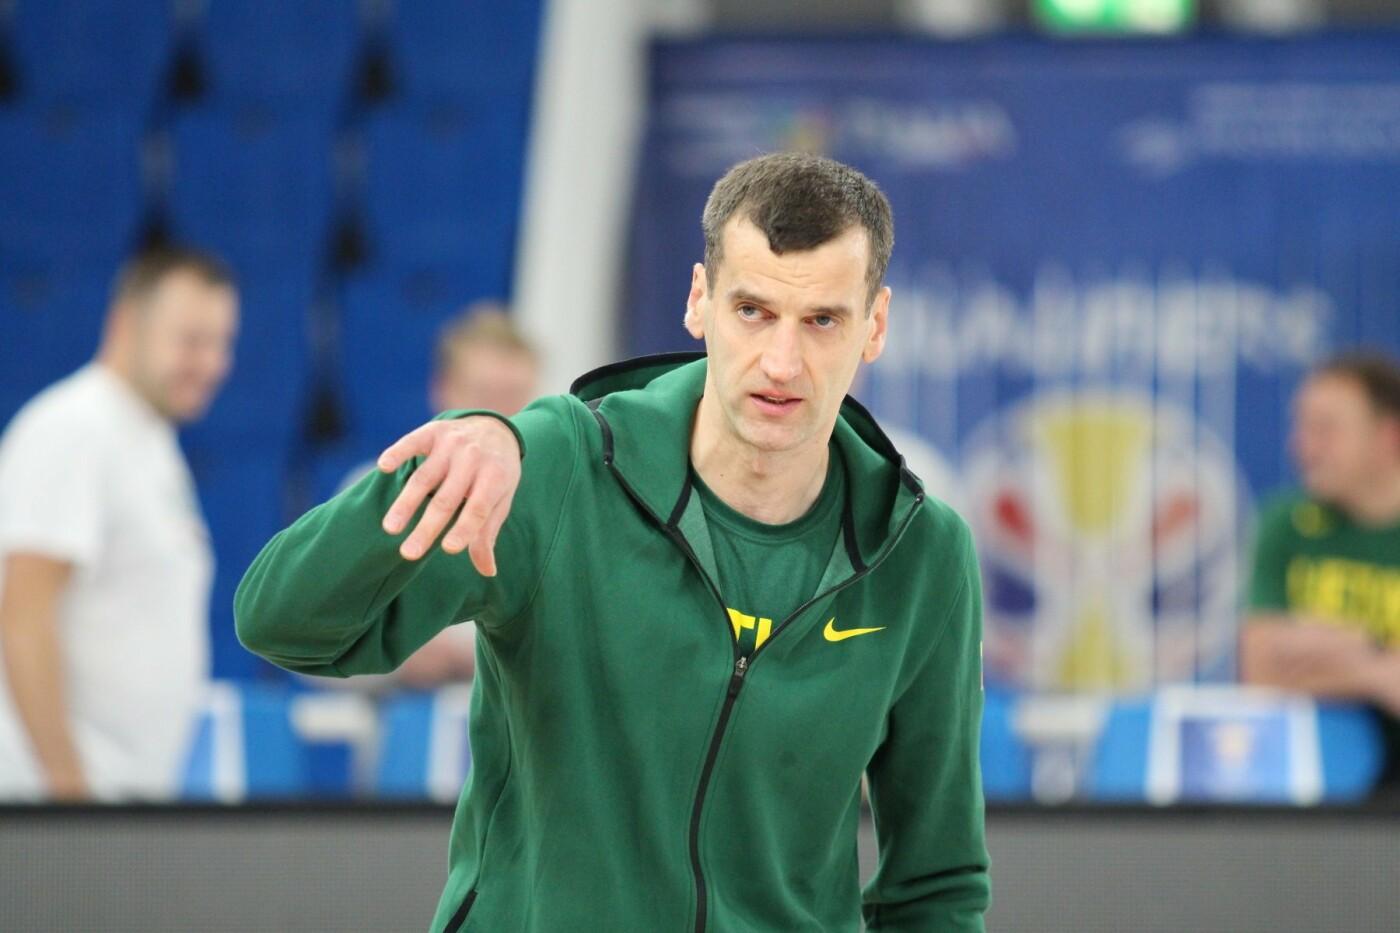 Lietuvos vyrų krepšinio rinktinė surengė vienintelę treniruotę Italijoje, nuotrauka-23